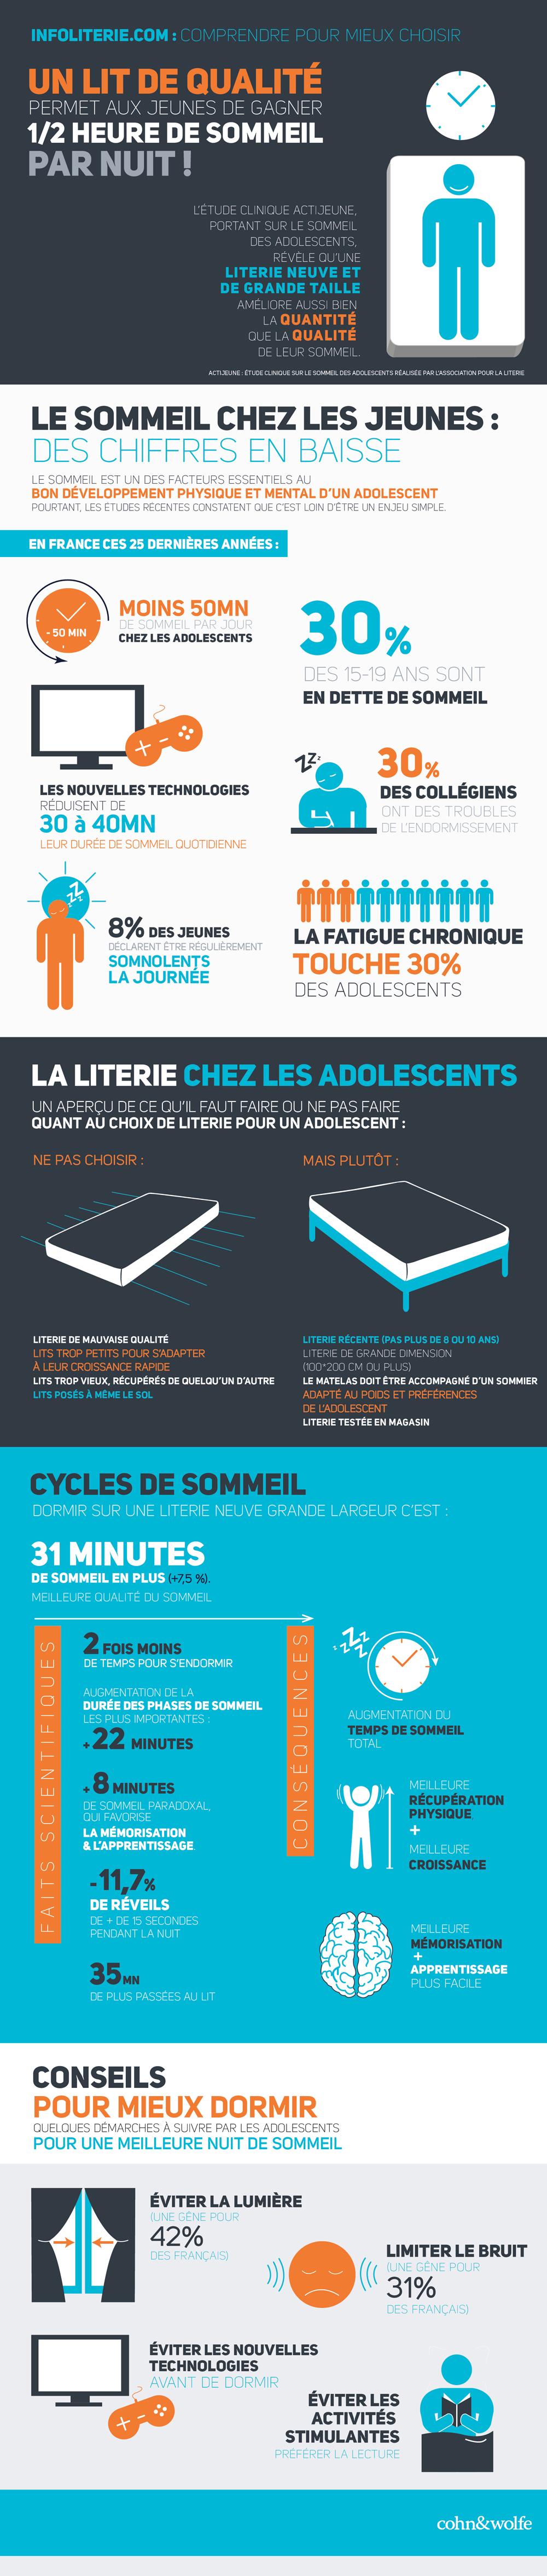 Infoliterie-Sommeil-chez-les-jeunes